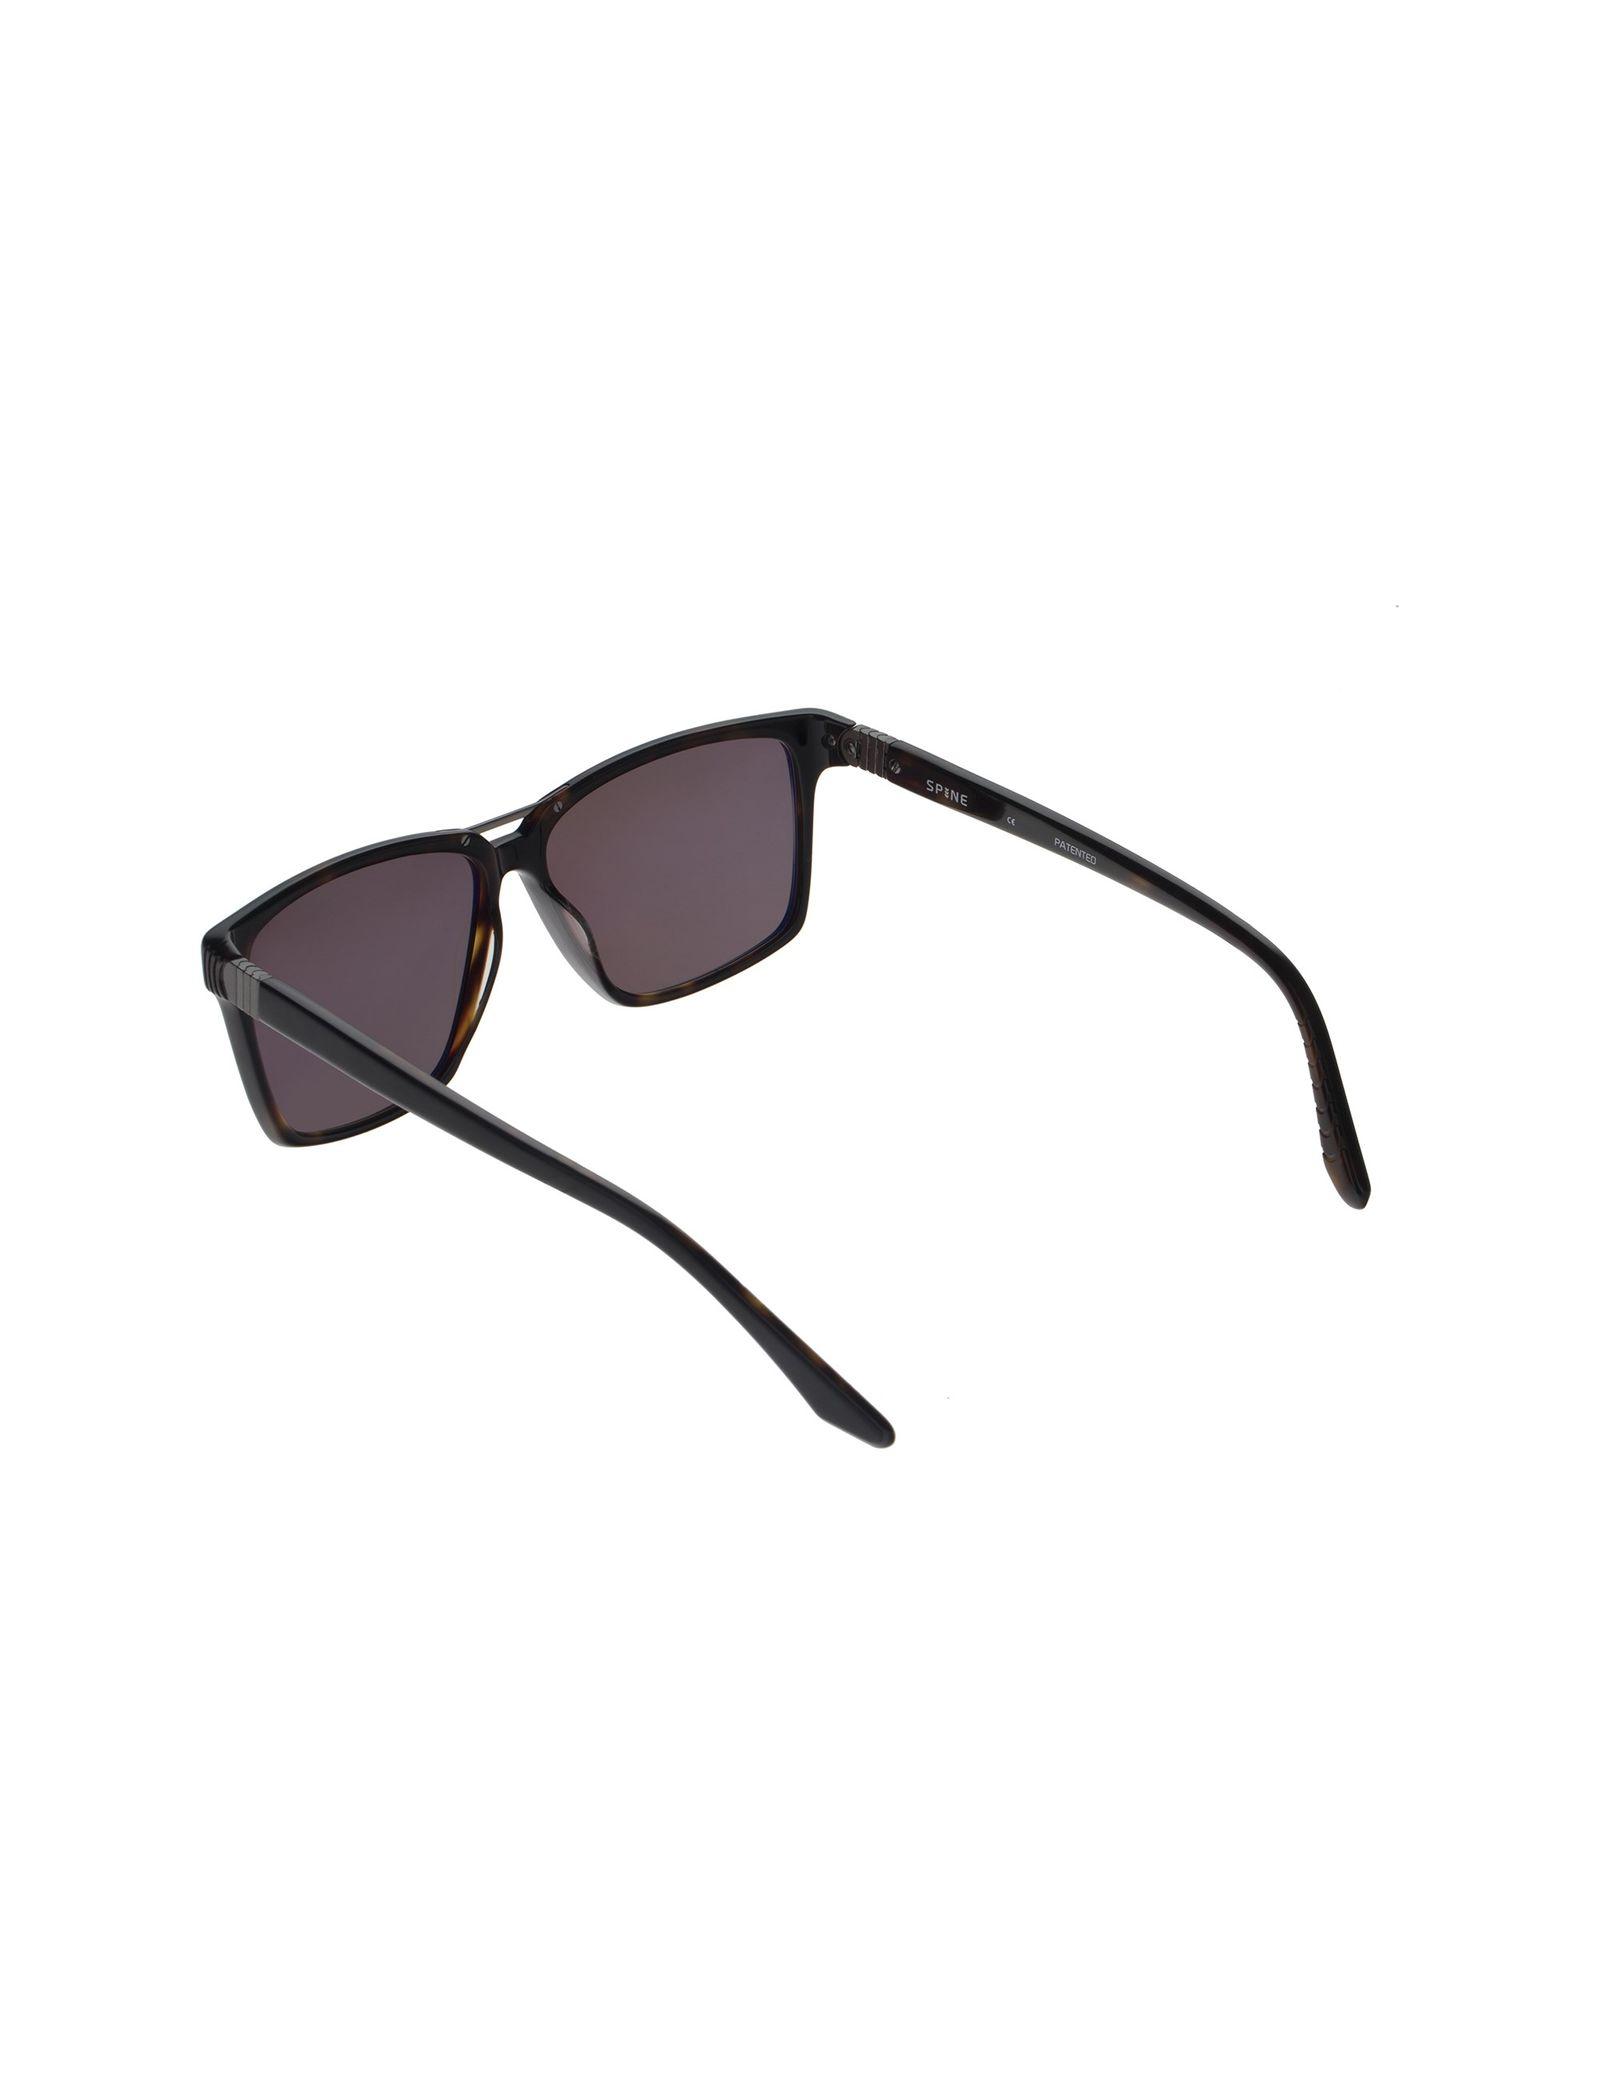 عینک آفتابی ویفرر مردانه - اسپاین - مشکي و قهوه اي - 4